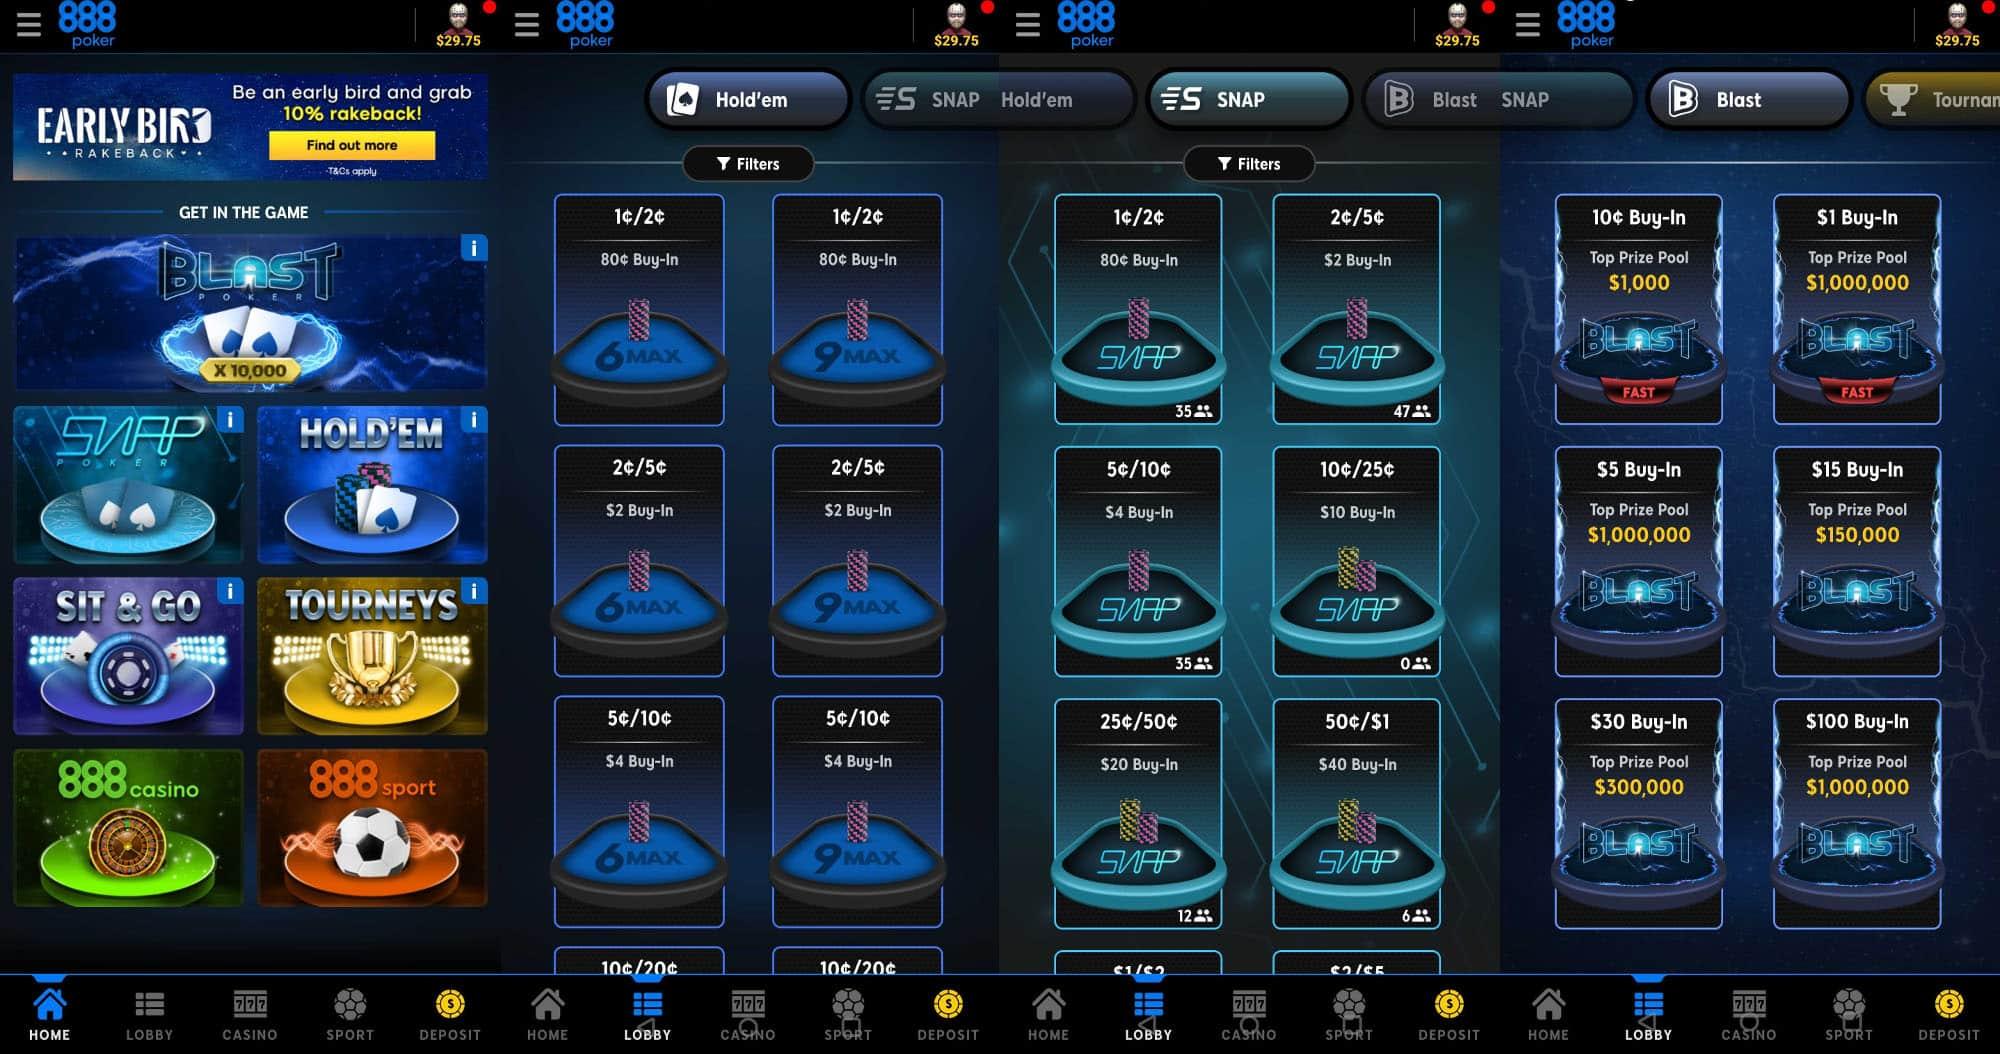 Интерфейс нового мобильного клиента 888покер